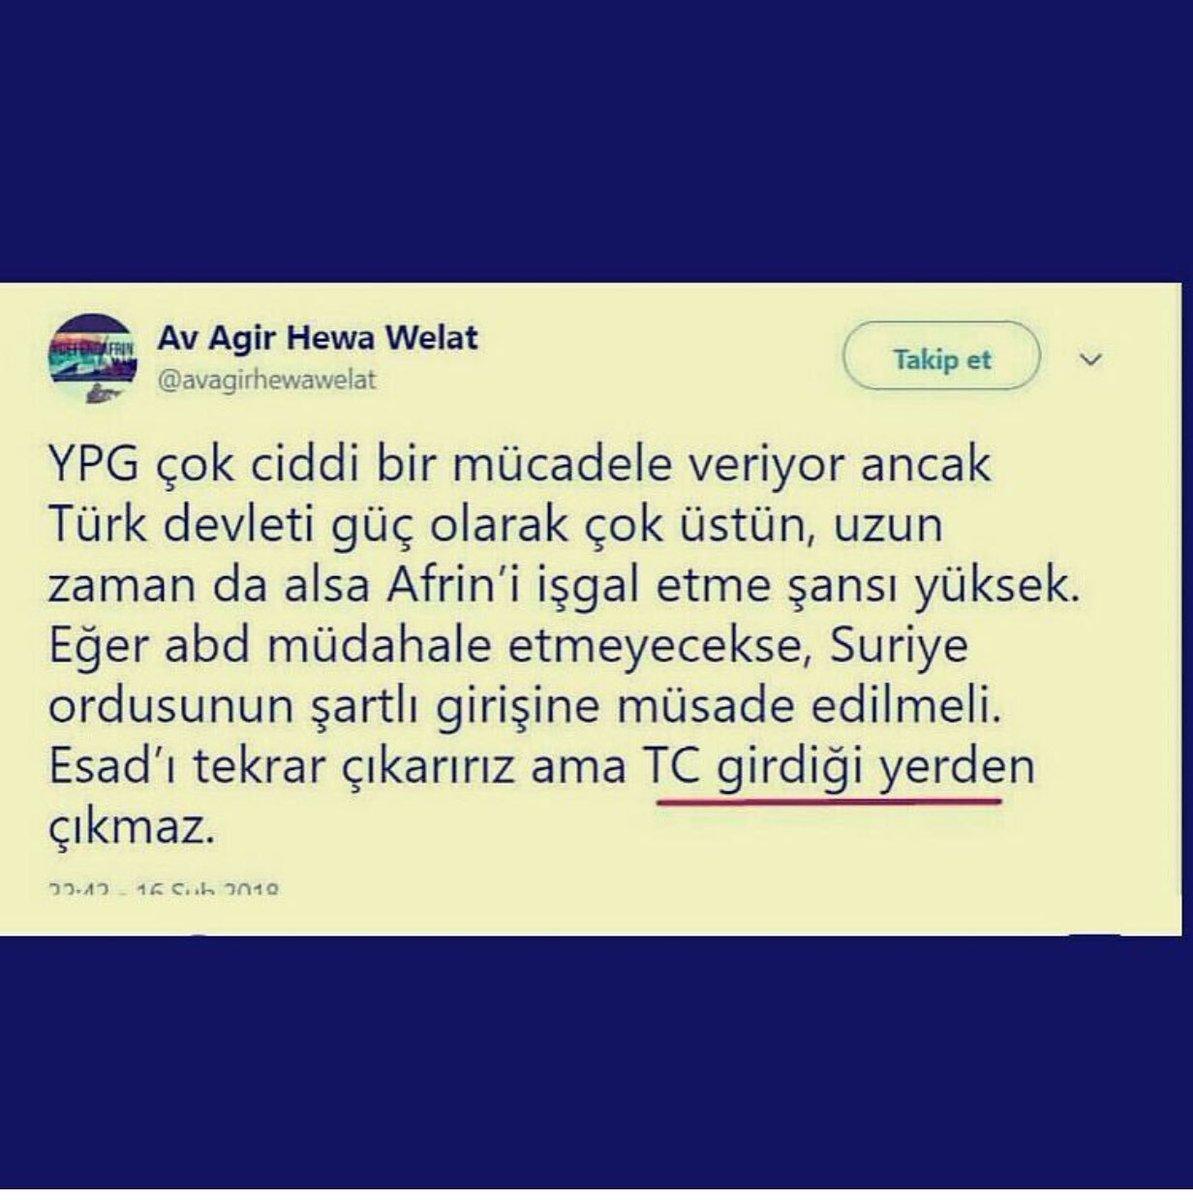 Düşman hewaller Türk'ün gücünün farkında...